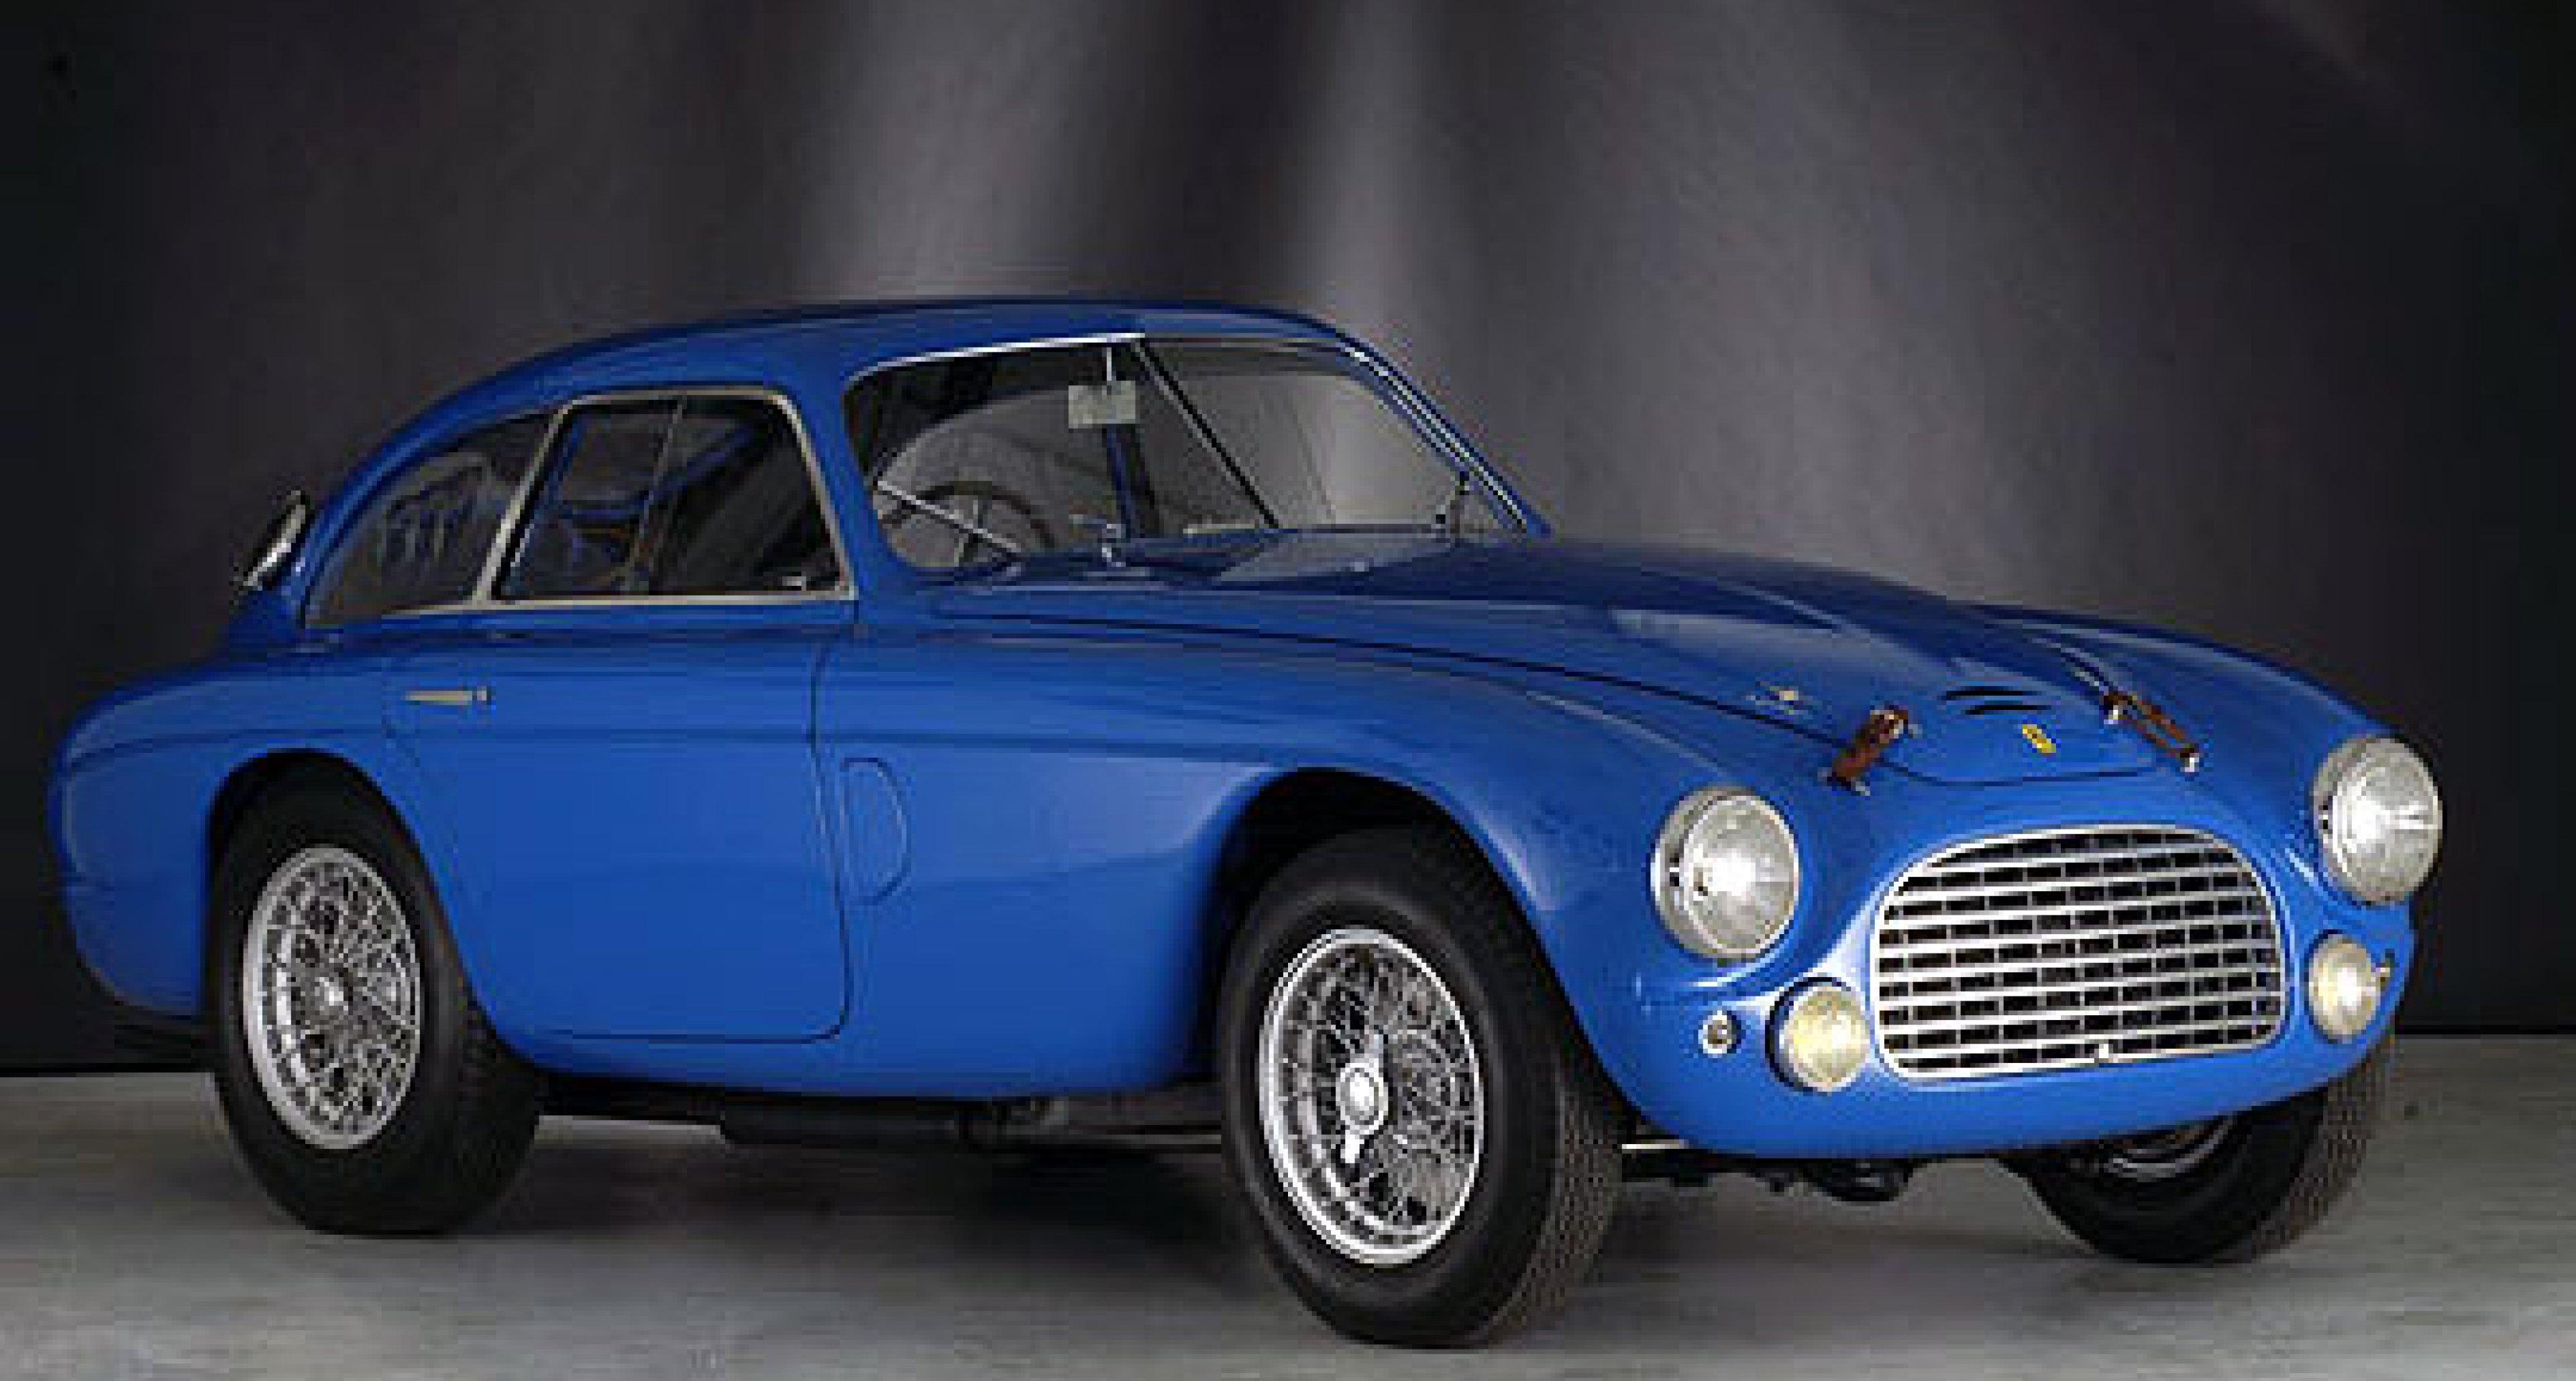 Gooding & Company Auktion in Pebble Beach 2005: Steve McQueens Ferrari wird versteigert